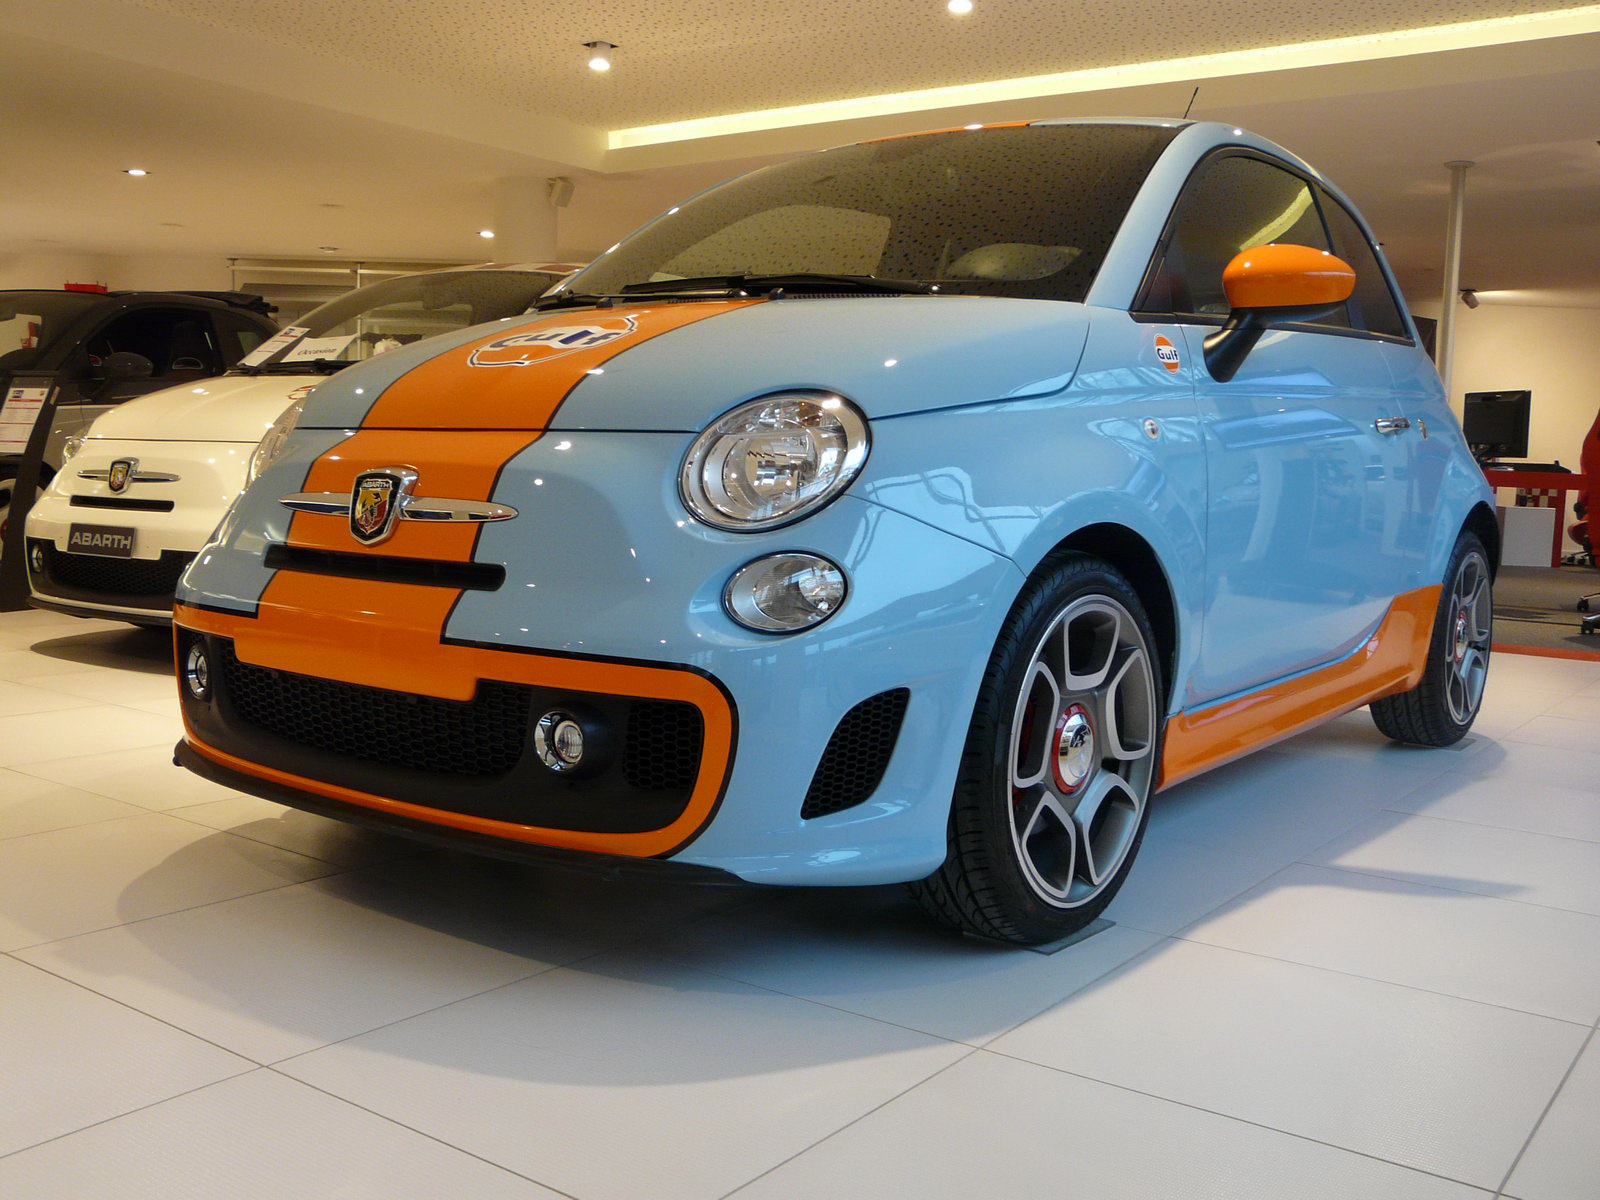 http://2.bp.blogspot.com/-rNuEAfCbup4/TVSJUTiDkeI/AAAAAAAABDU/xXSauKfg0bU/s1600/Fiat-Gulf-1_3_1.jpg